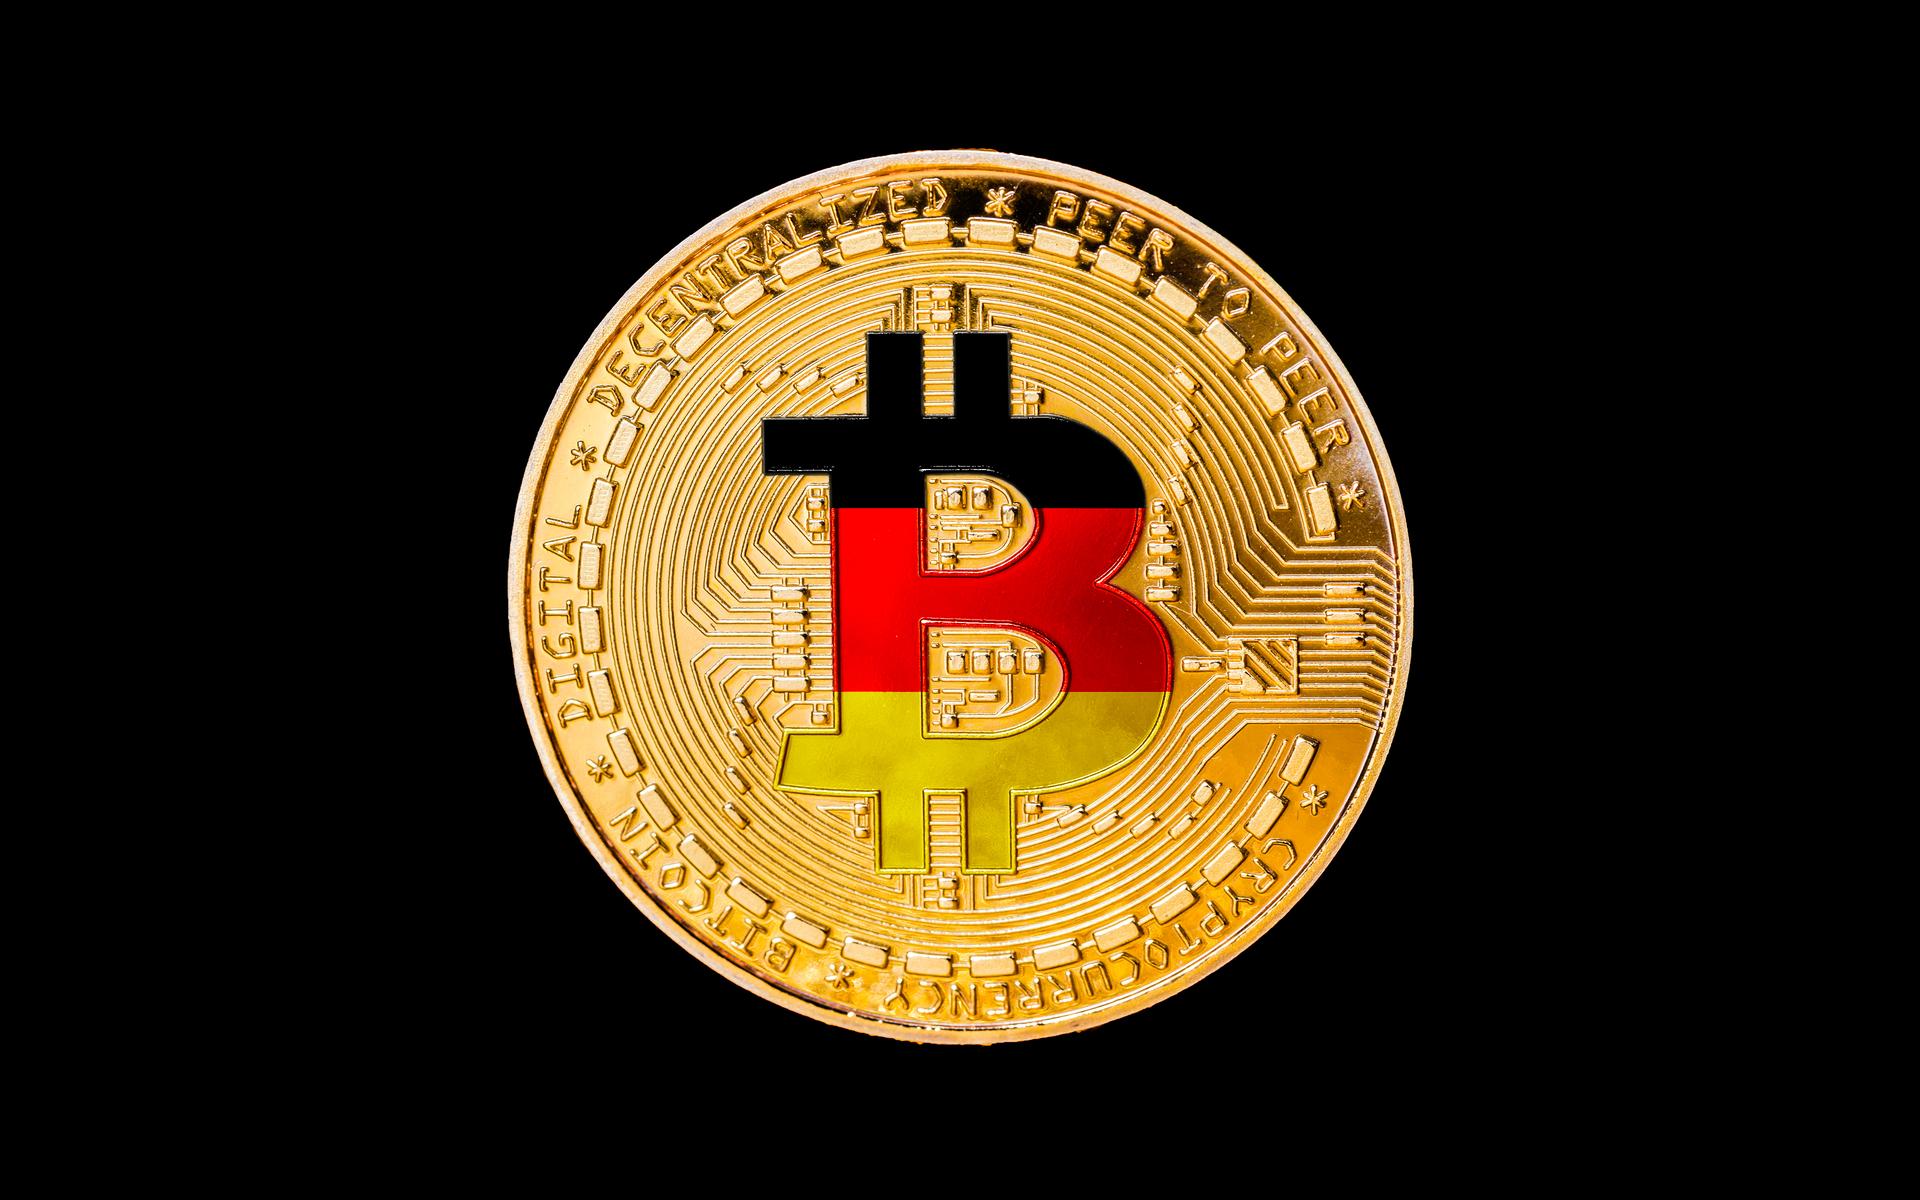 helyiek bitcoin ára megbeszélés arról, hogyan lehet pénzt keresni